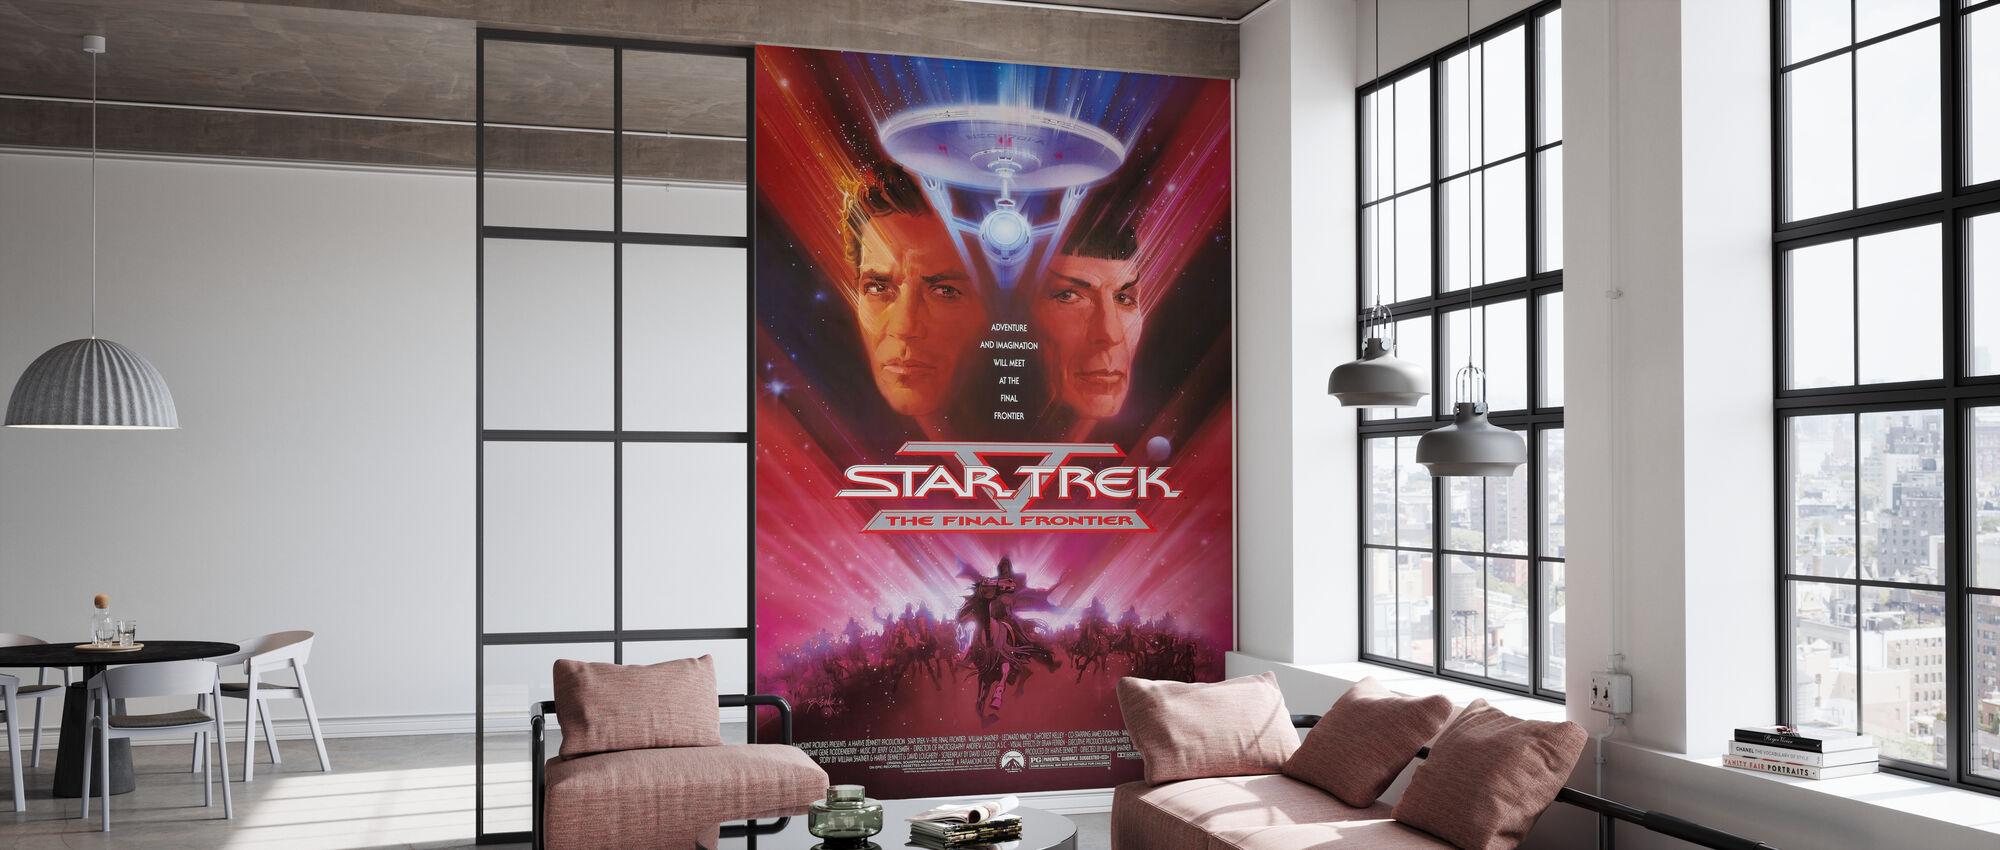 Star Trek V The Final Frontier - Wallpaper - Office